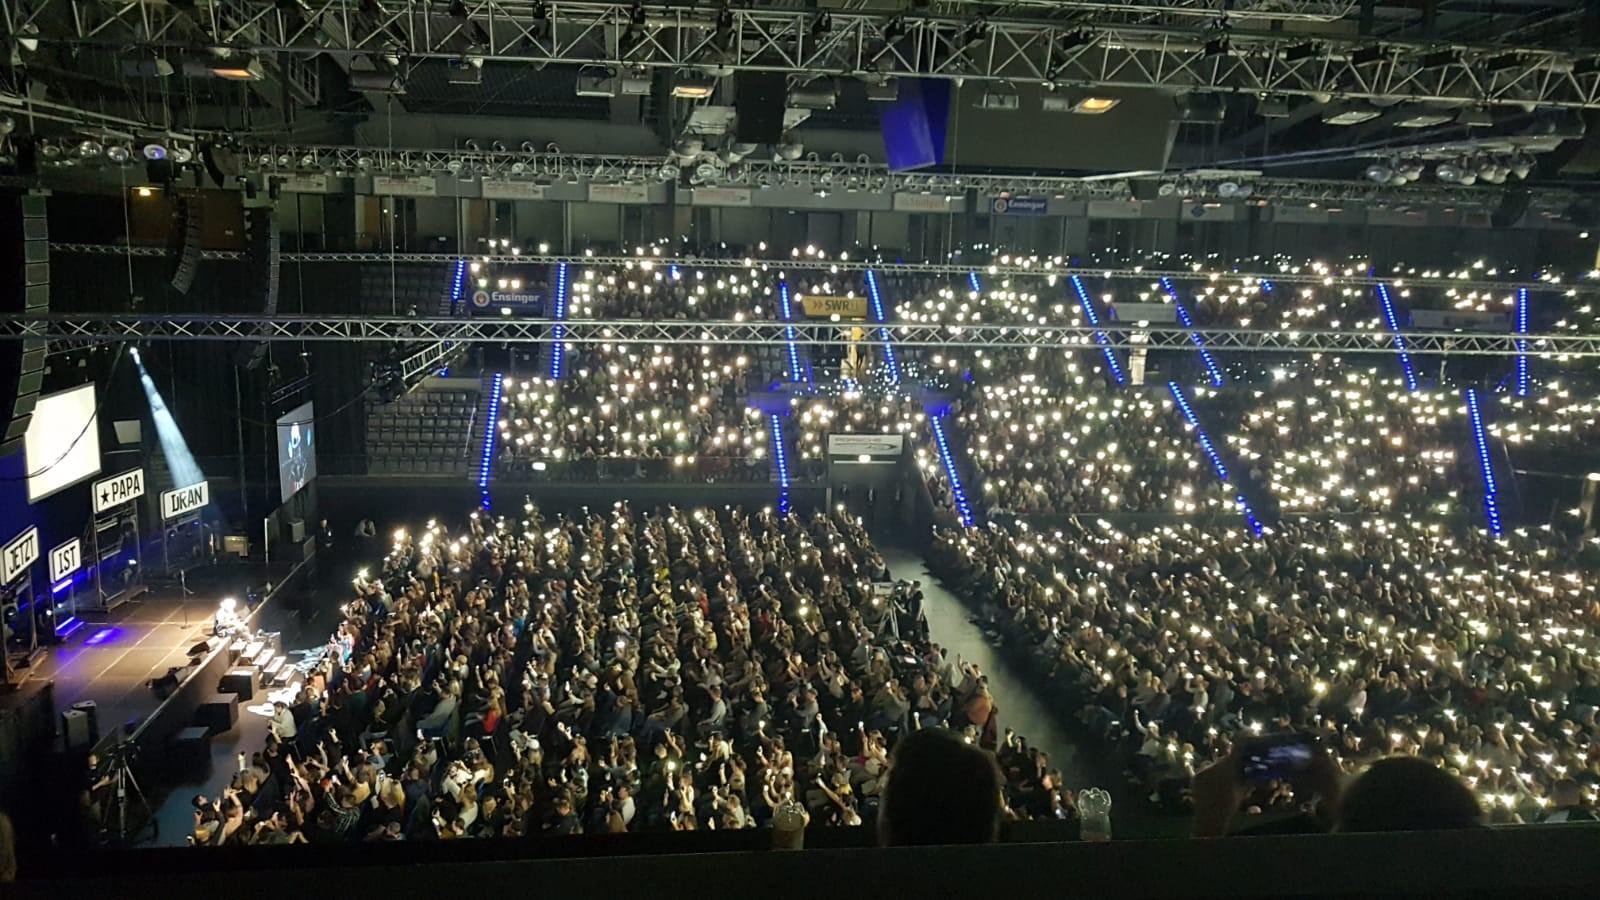 Konzerte schleyerhalle stuttgart